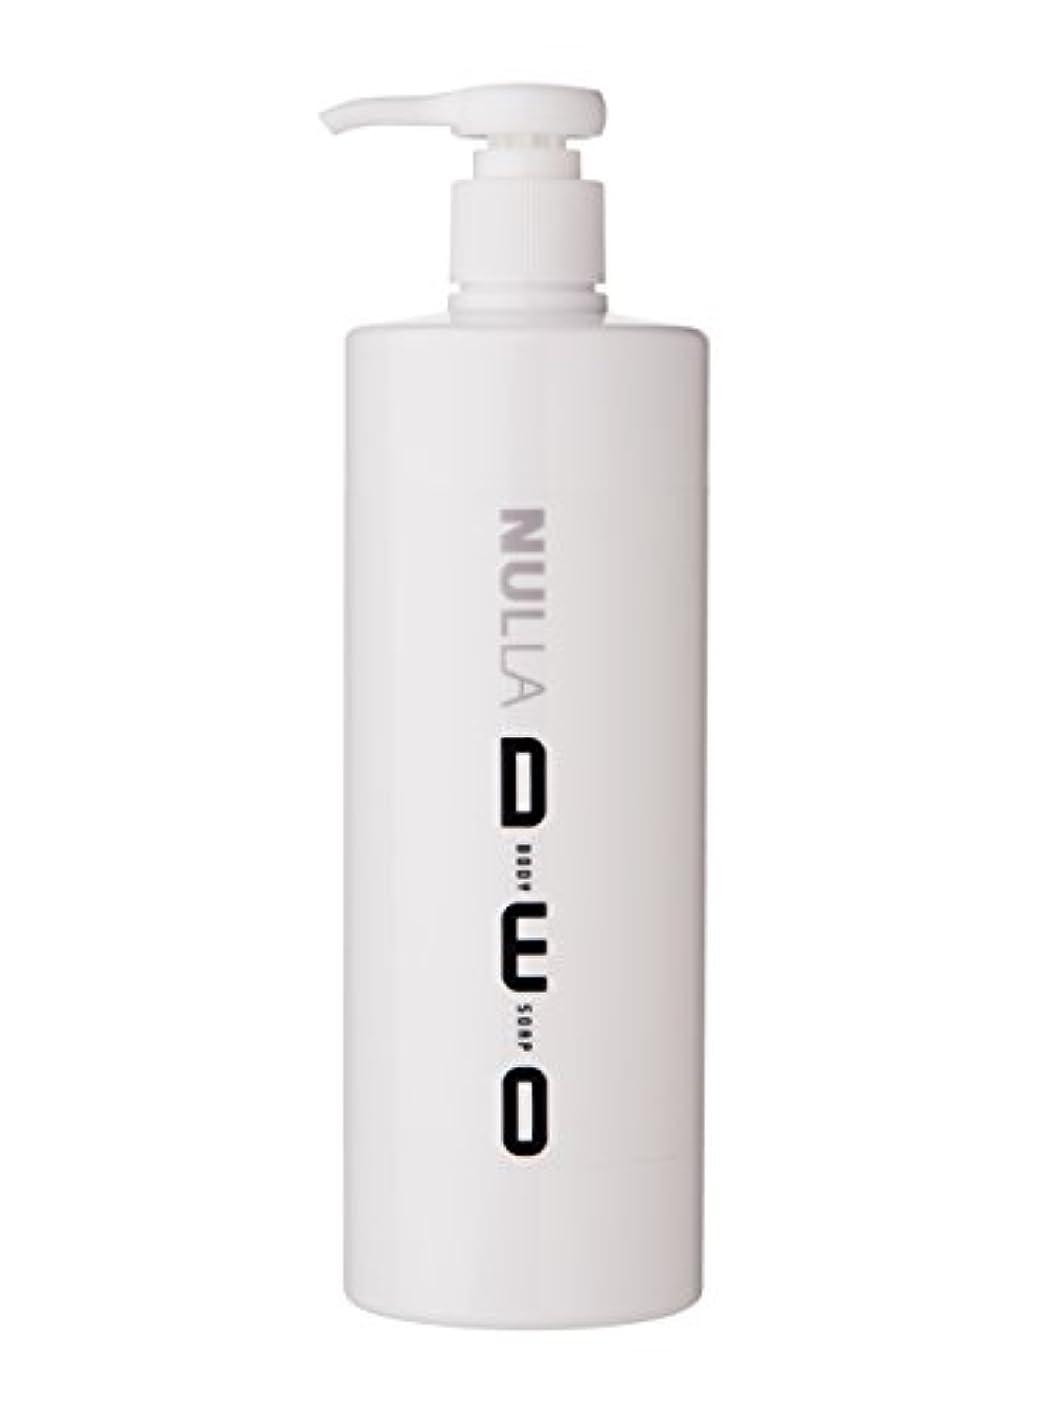 タウポ湖電話をかける順番NULLA(ヌーラ) ヌーラデオ ボディソープ [ニオイ菌を抑制] 500ml 日本製 加齢臭 体臭 対策 シャボンの香り